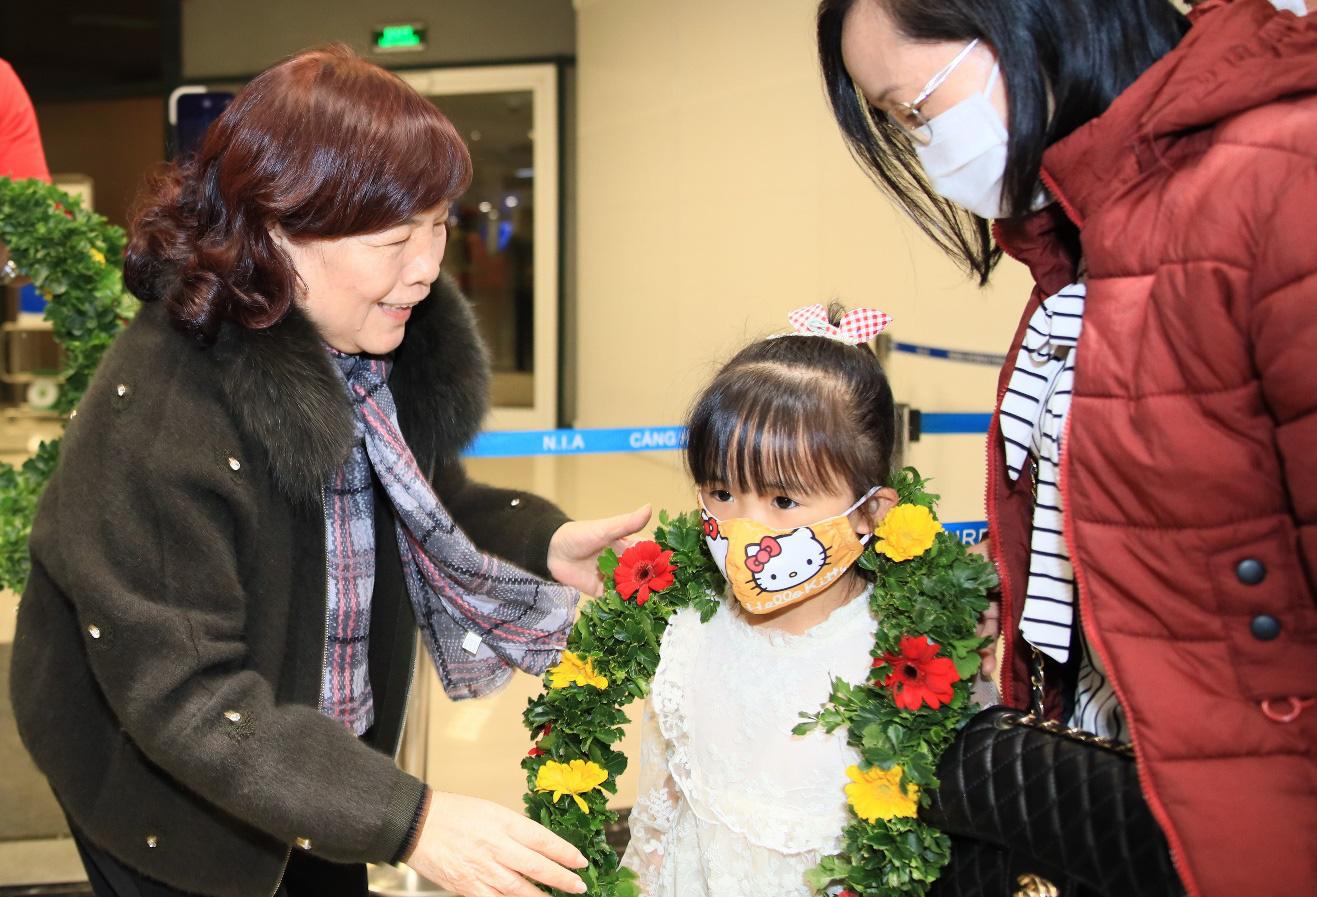 Đón chào năm mới 2021, Vietjet dành tặng khách hàng rất nhiều phần quà may mắn - Ảnh 2.